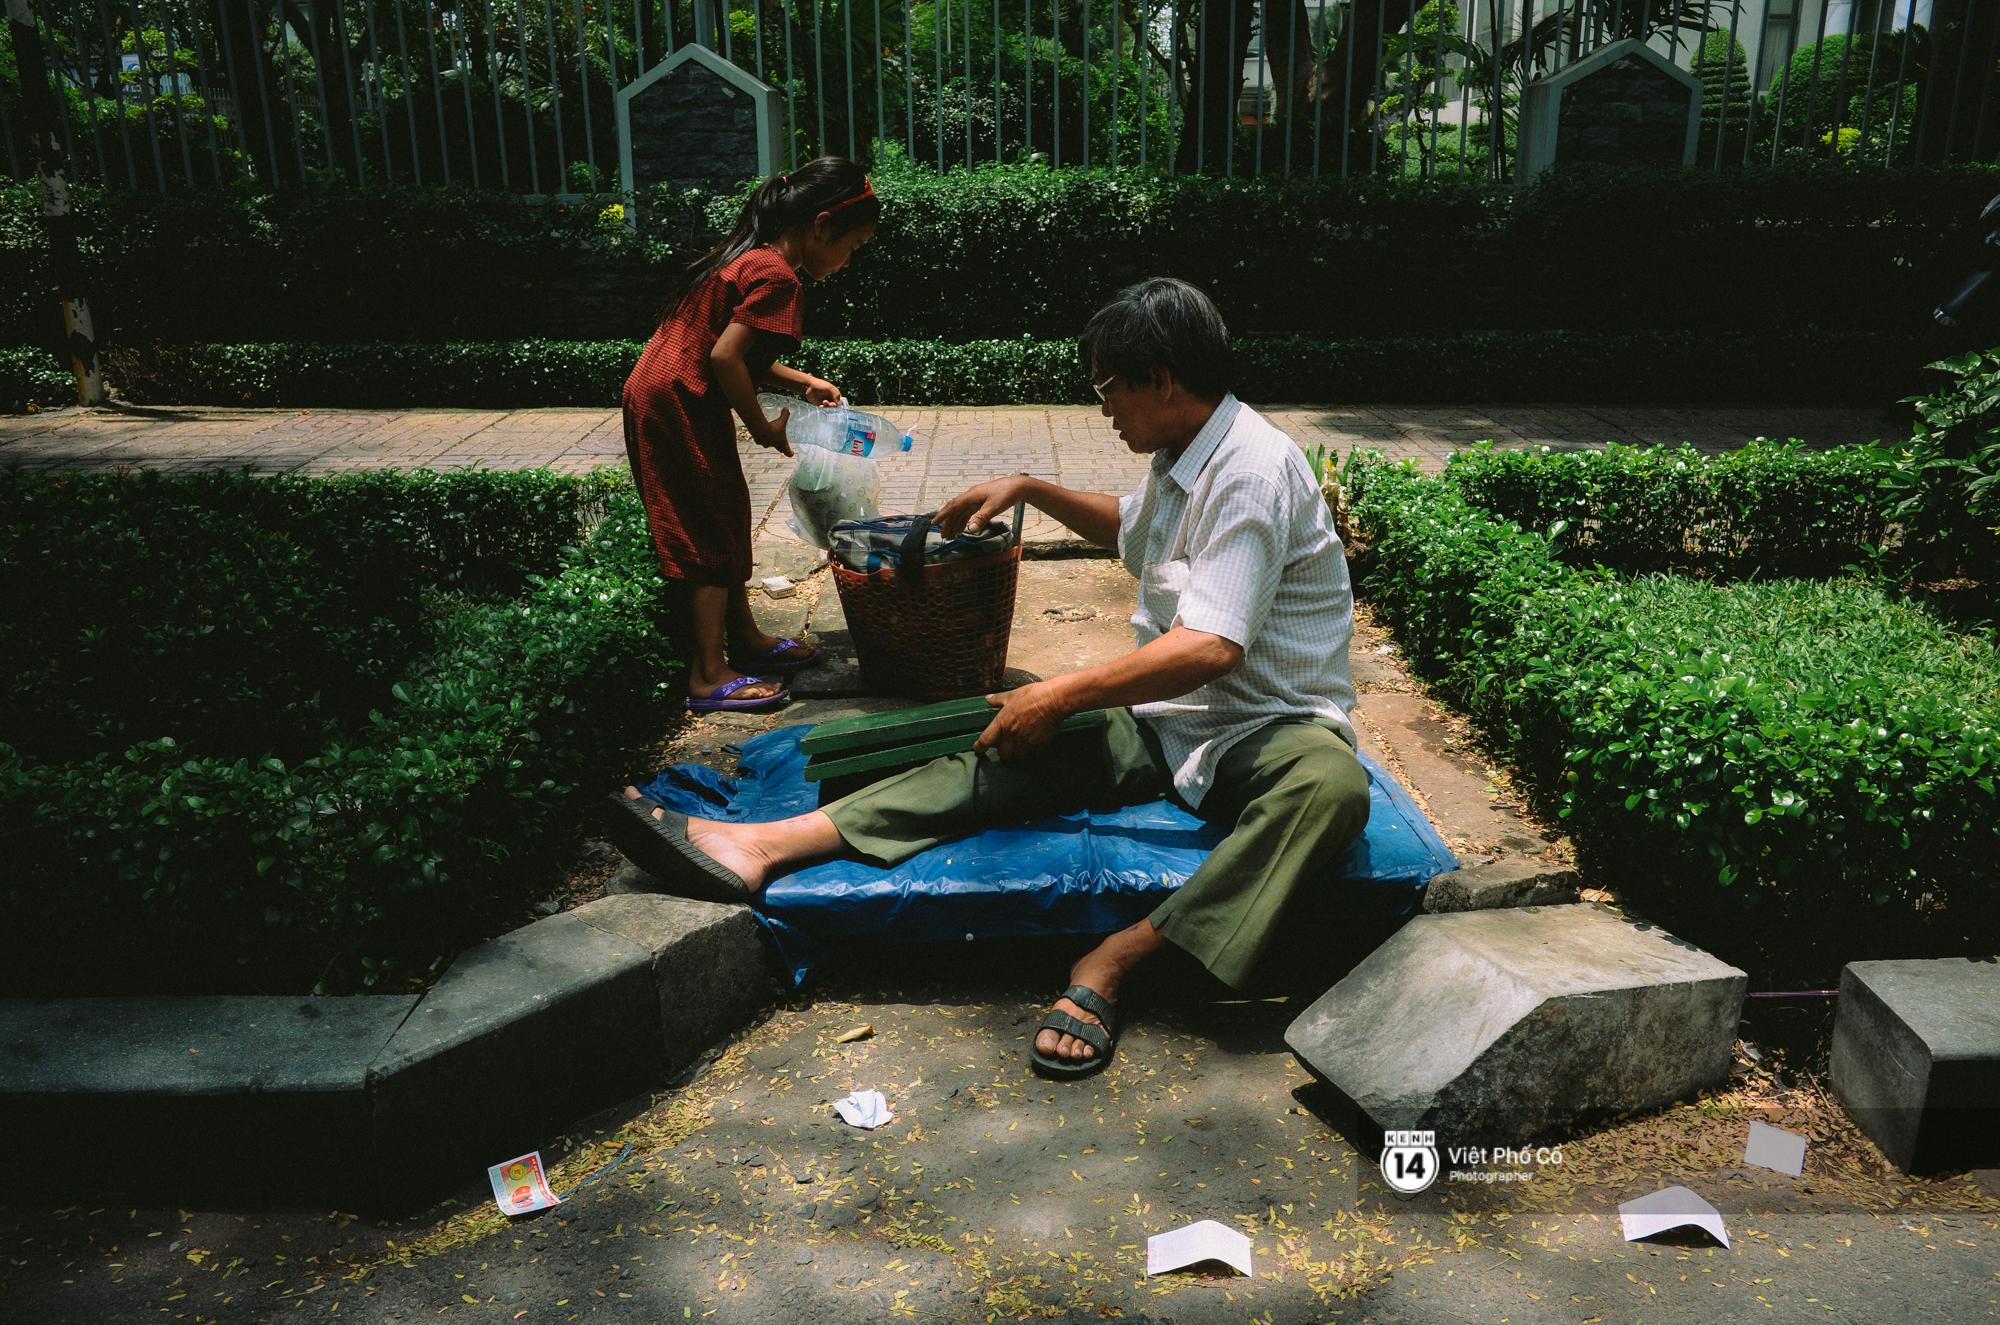 Gia đình vé số Sài Gòn: Ba mẹ ăn chuối luộc thay cơm, hai con gái không biết đến thịt cá - Ảnh 6.